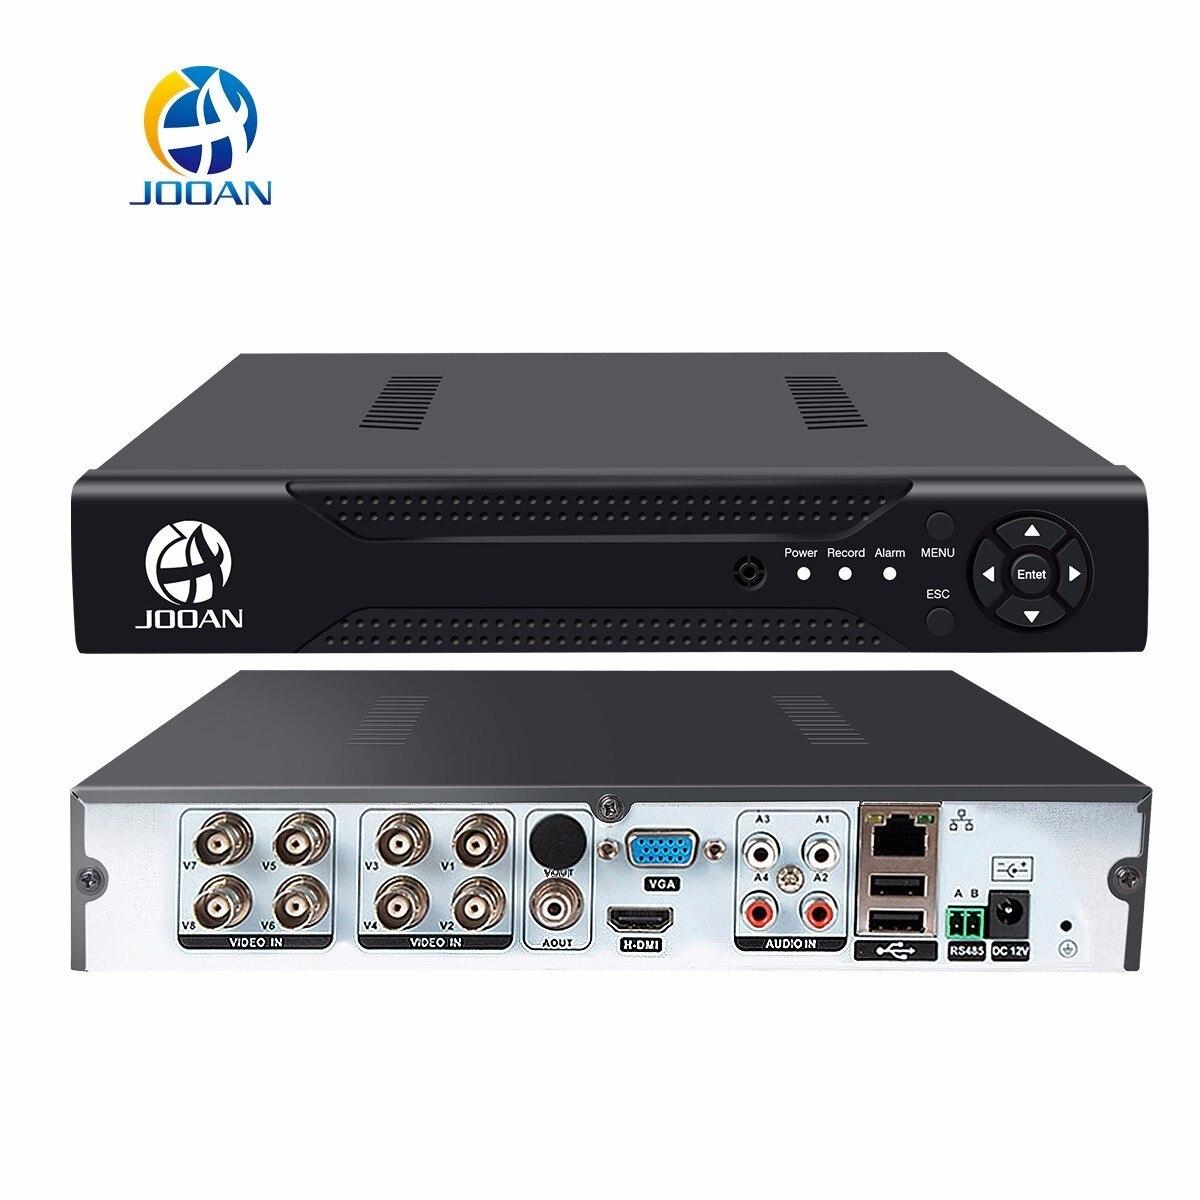 JOOAN 8CH 1080N CCTV AHD DVR QR код сканирования быстрый доступ, смартфон, ПК Легкий Удаленный доступ h.264 цифровой видео регистраторы